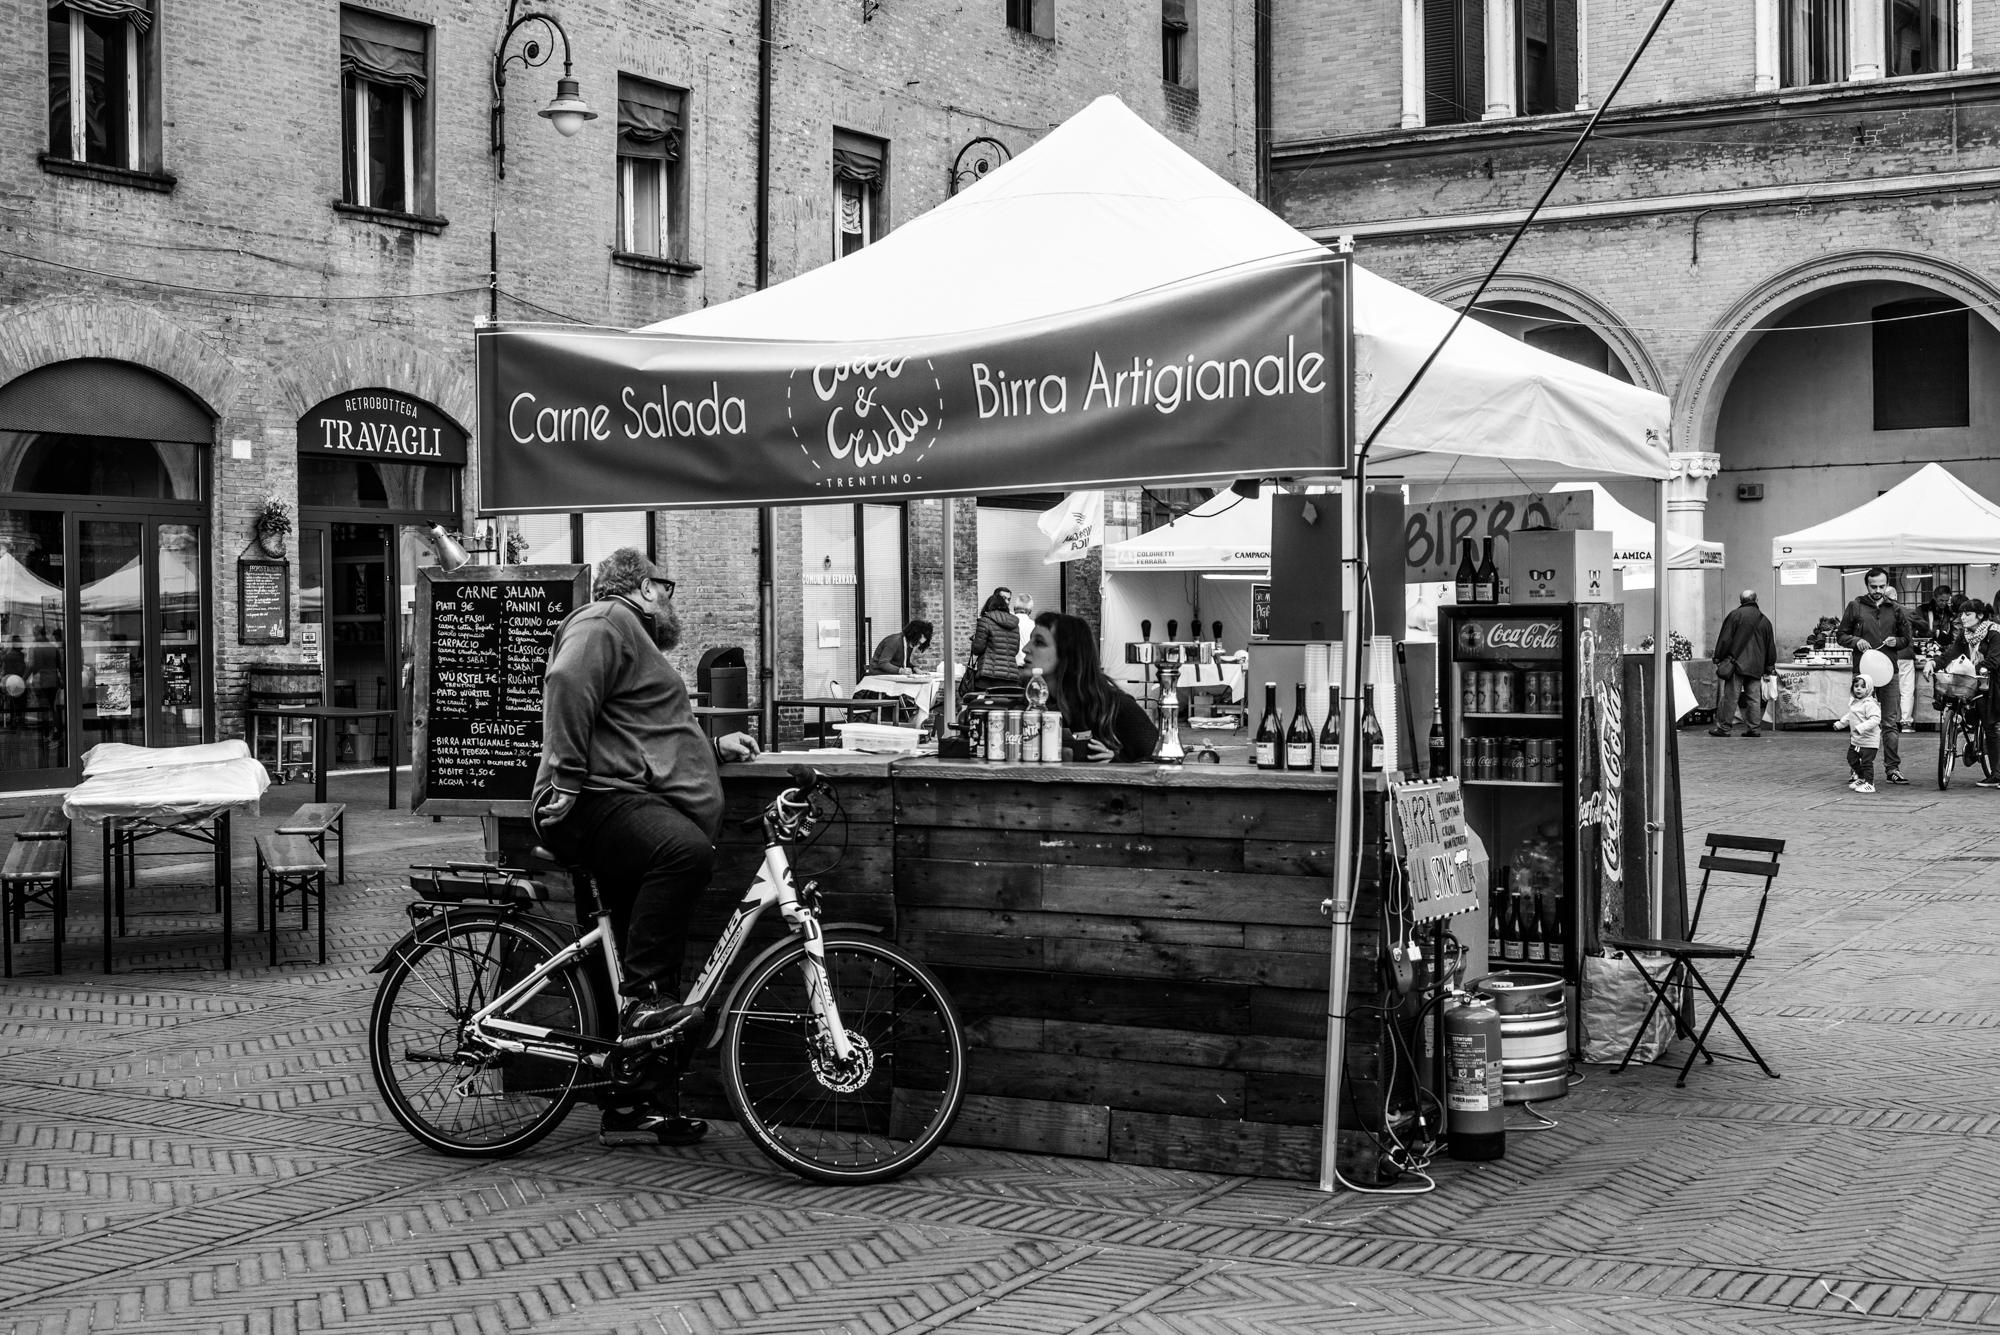 Ferrara la città delle biciclette..........